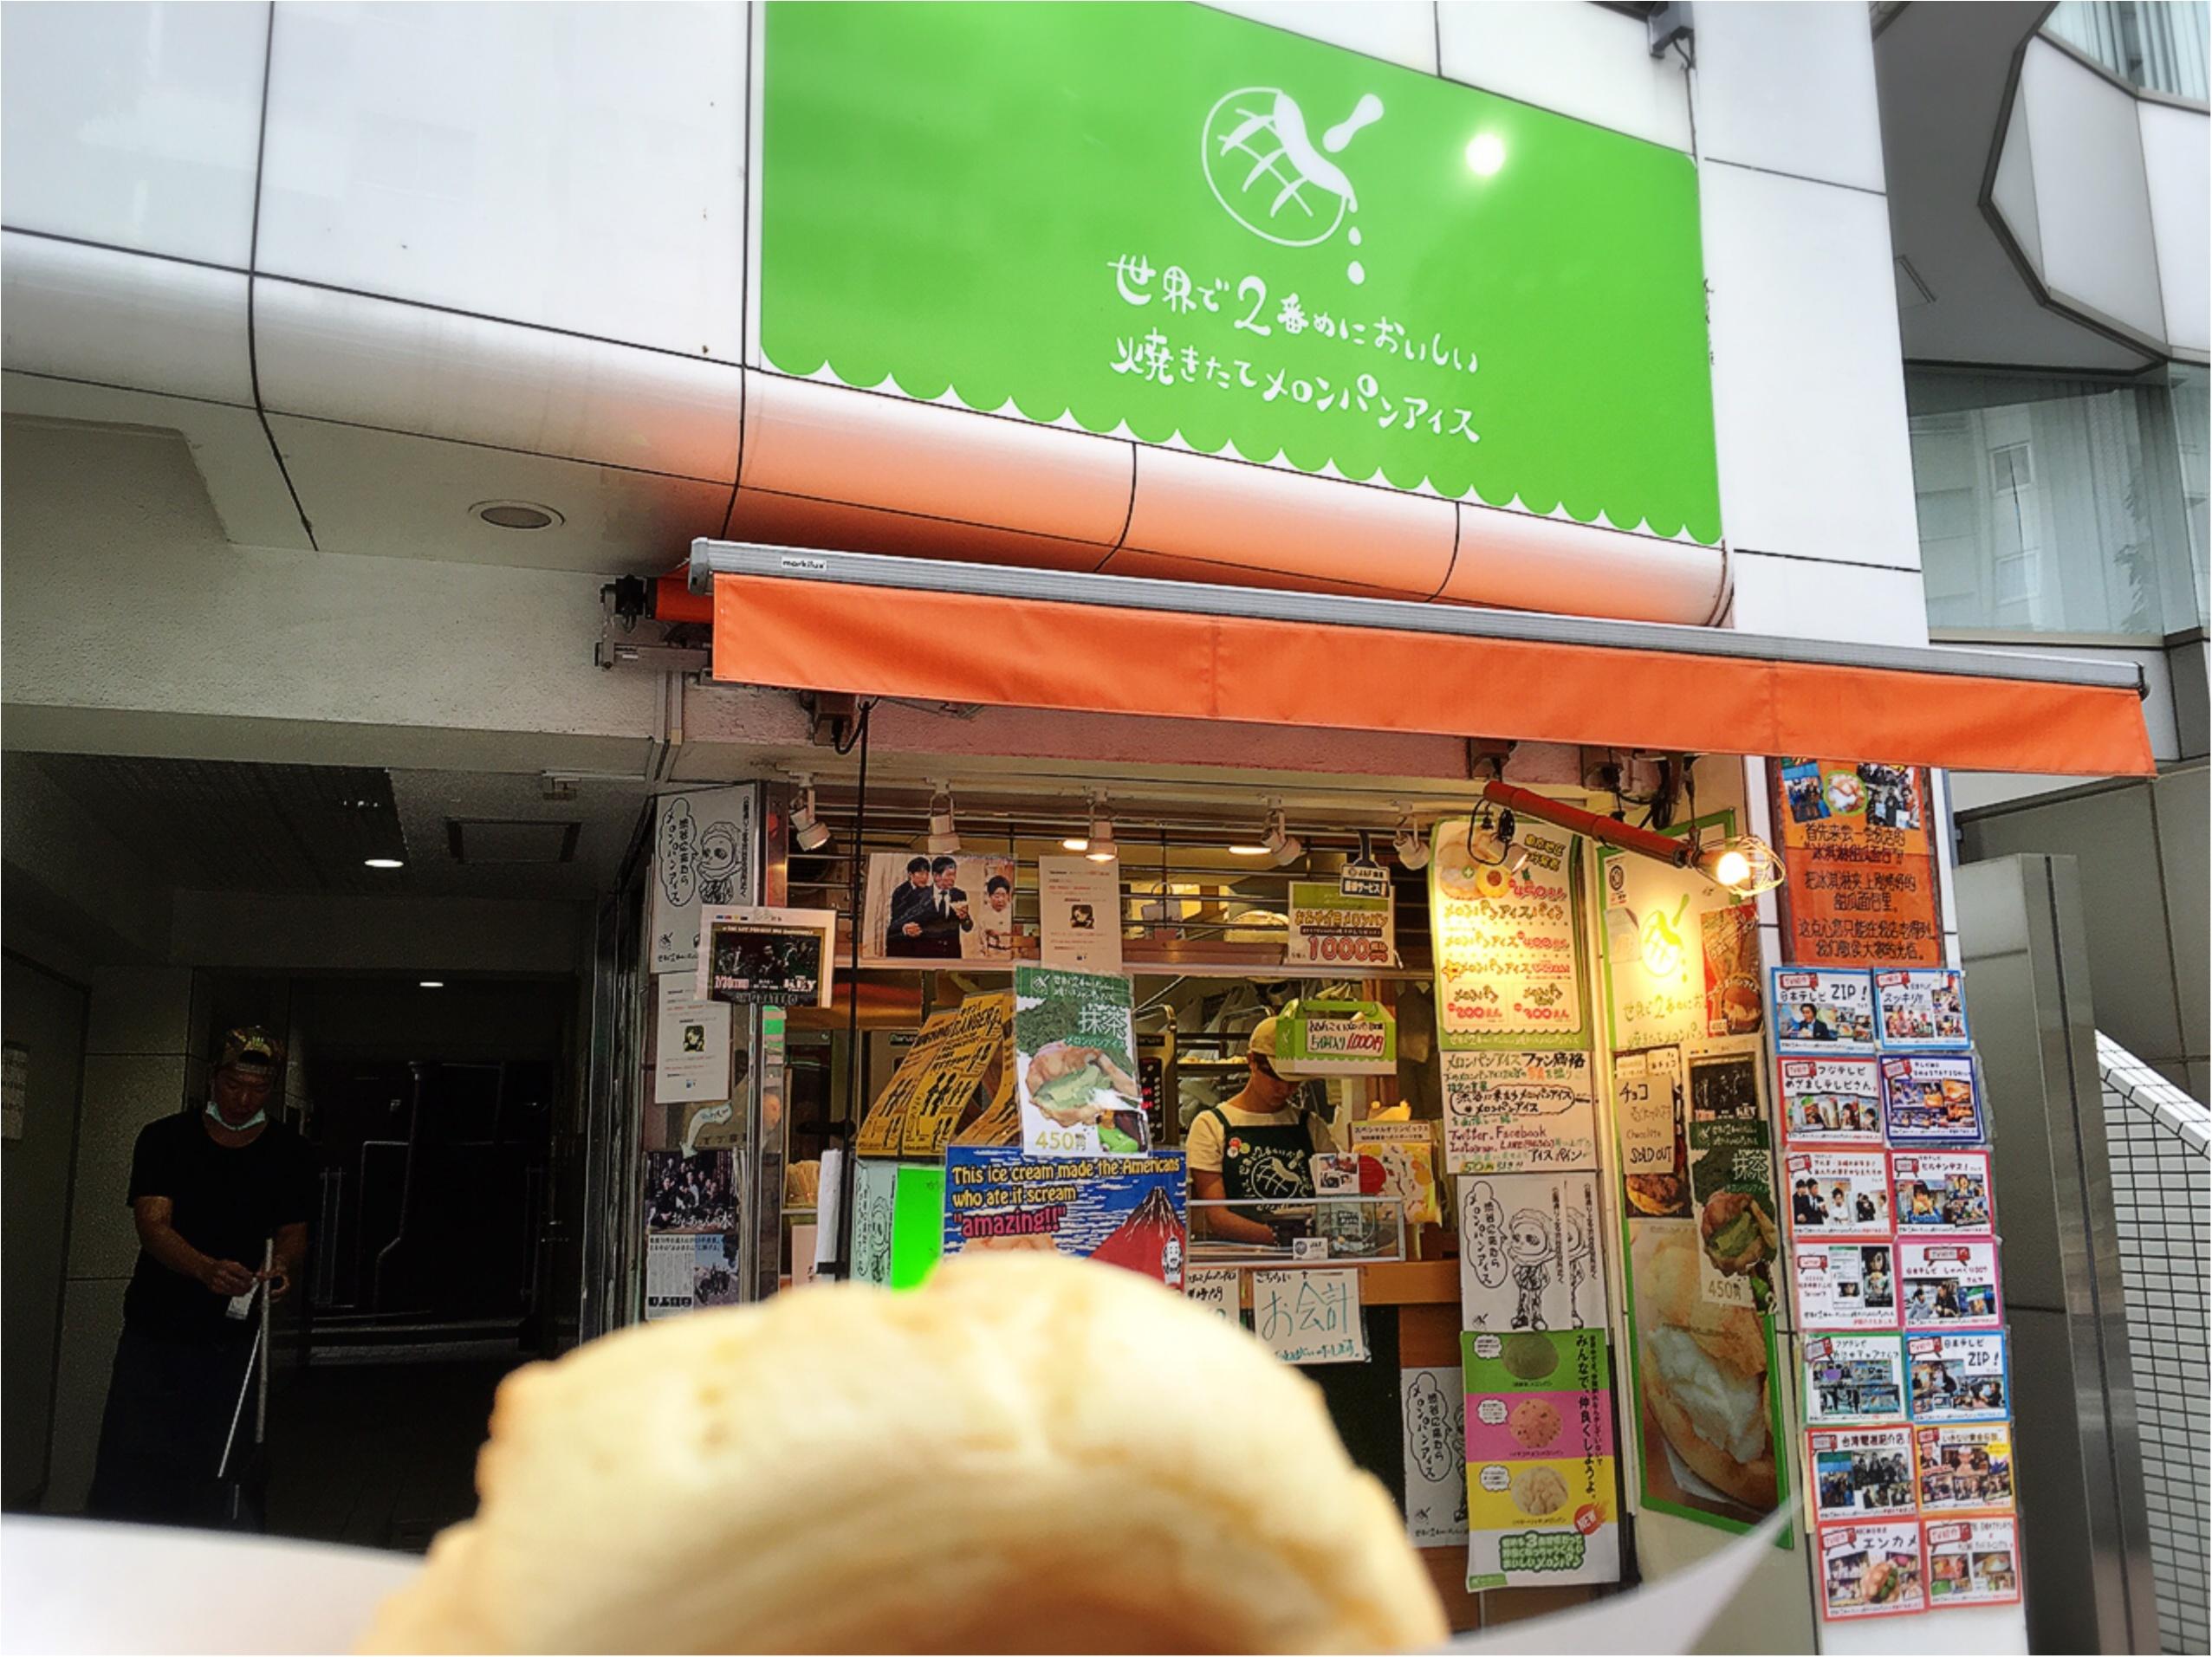 ★渋谷の『リッチな珈琲屋さん』と『お手頃価格のメロンパン屋さん』のおはなし☺︎♩♩_4